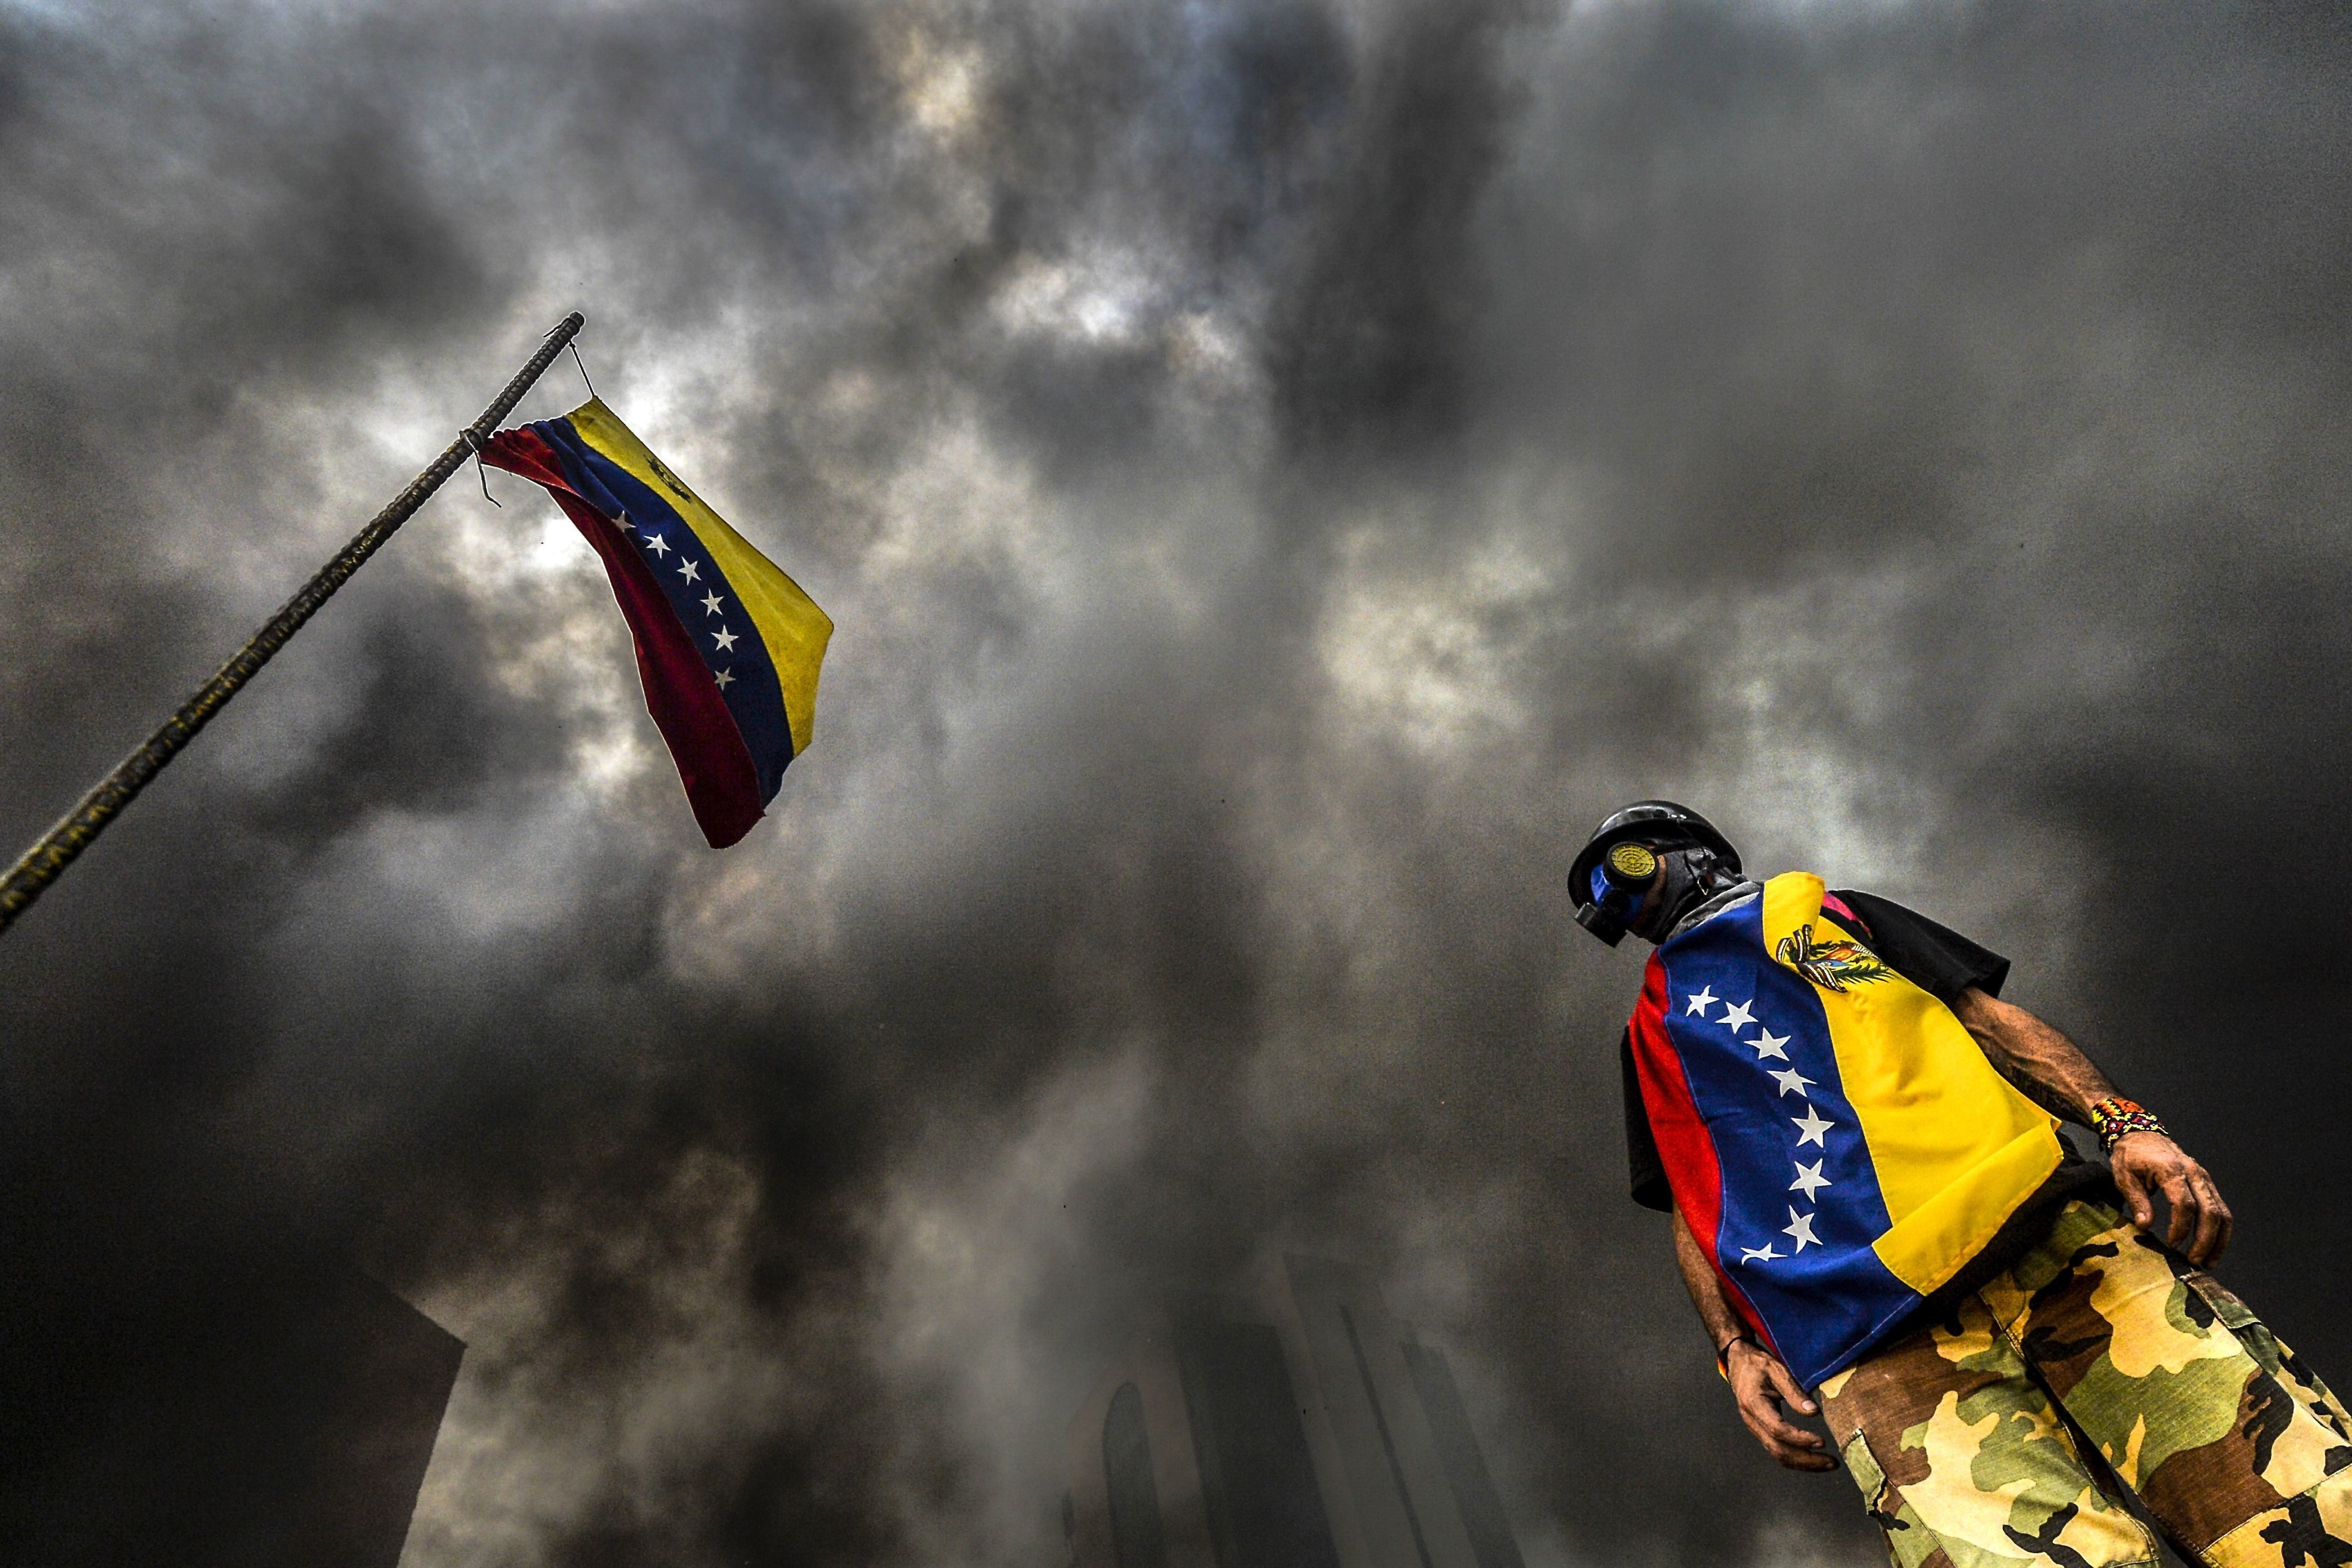 Venezuela has turned it into a dark dystopian nightmare.